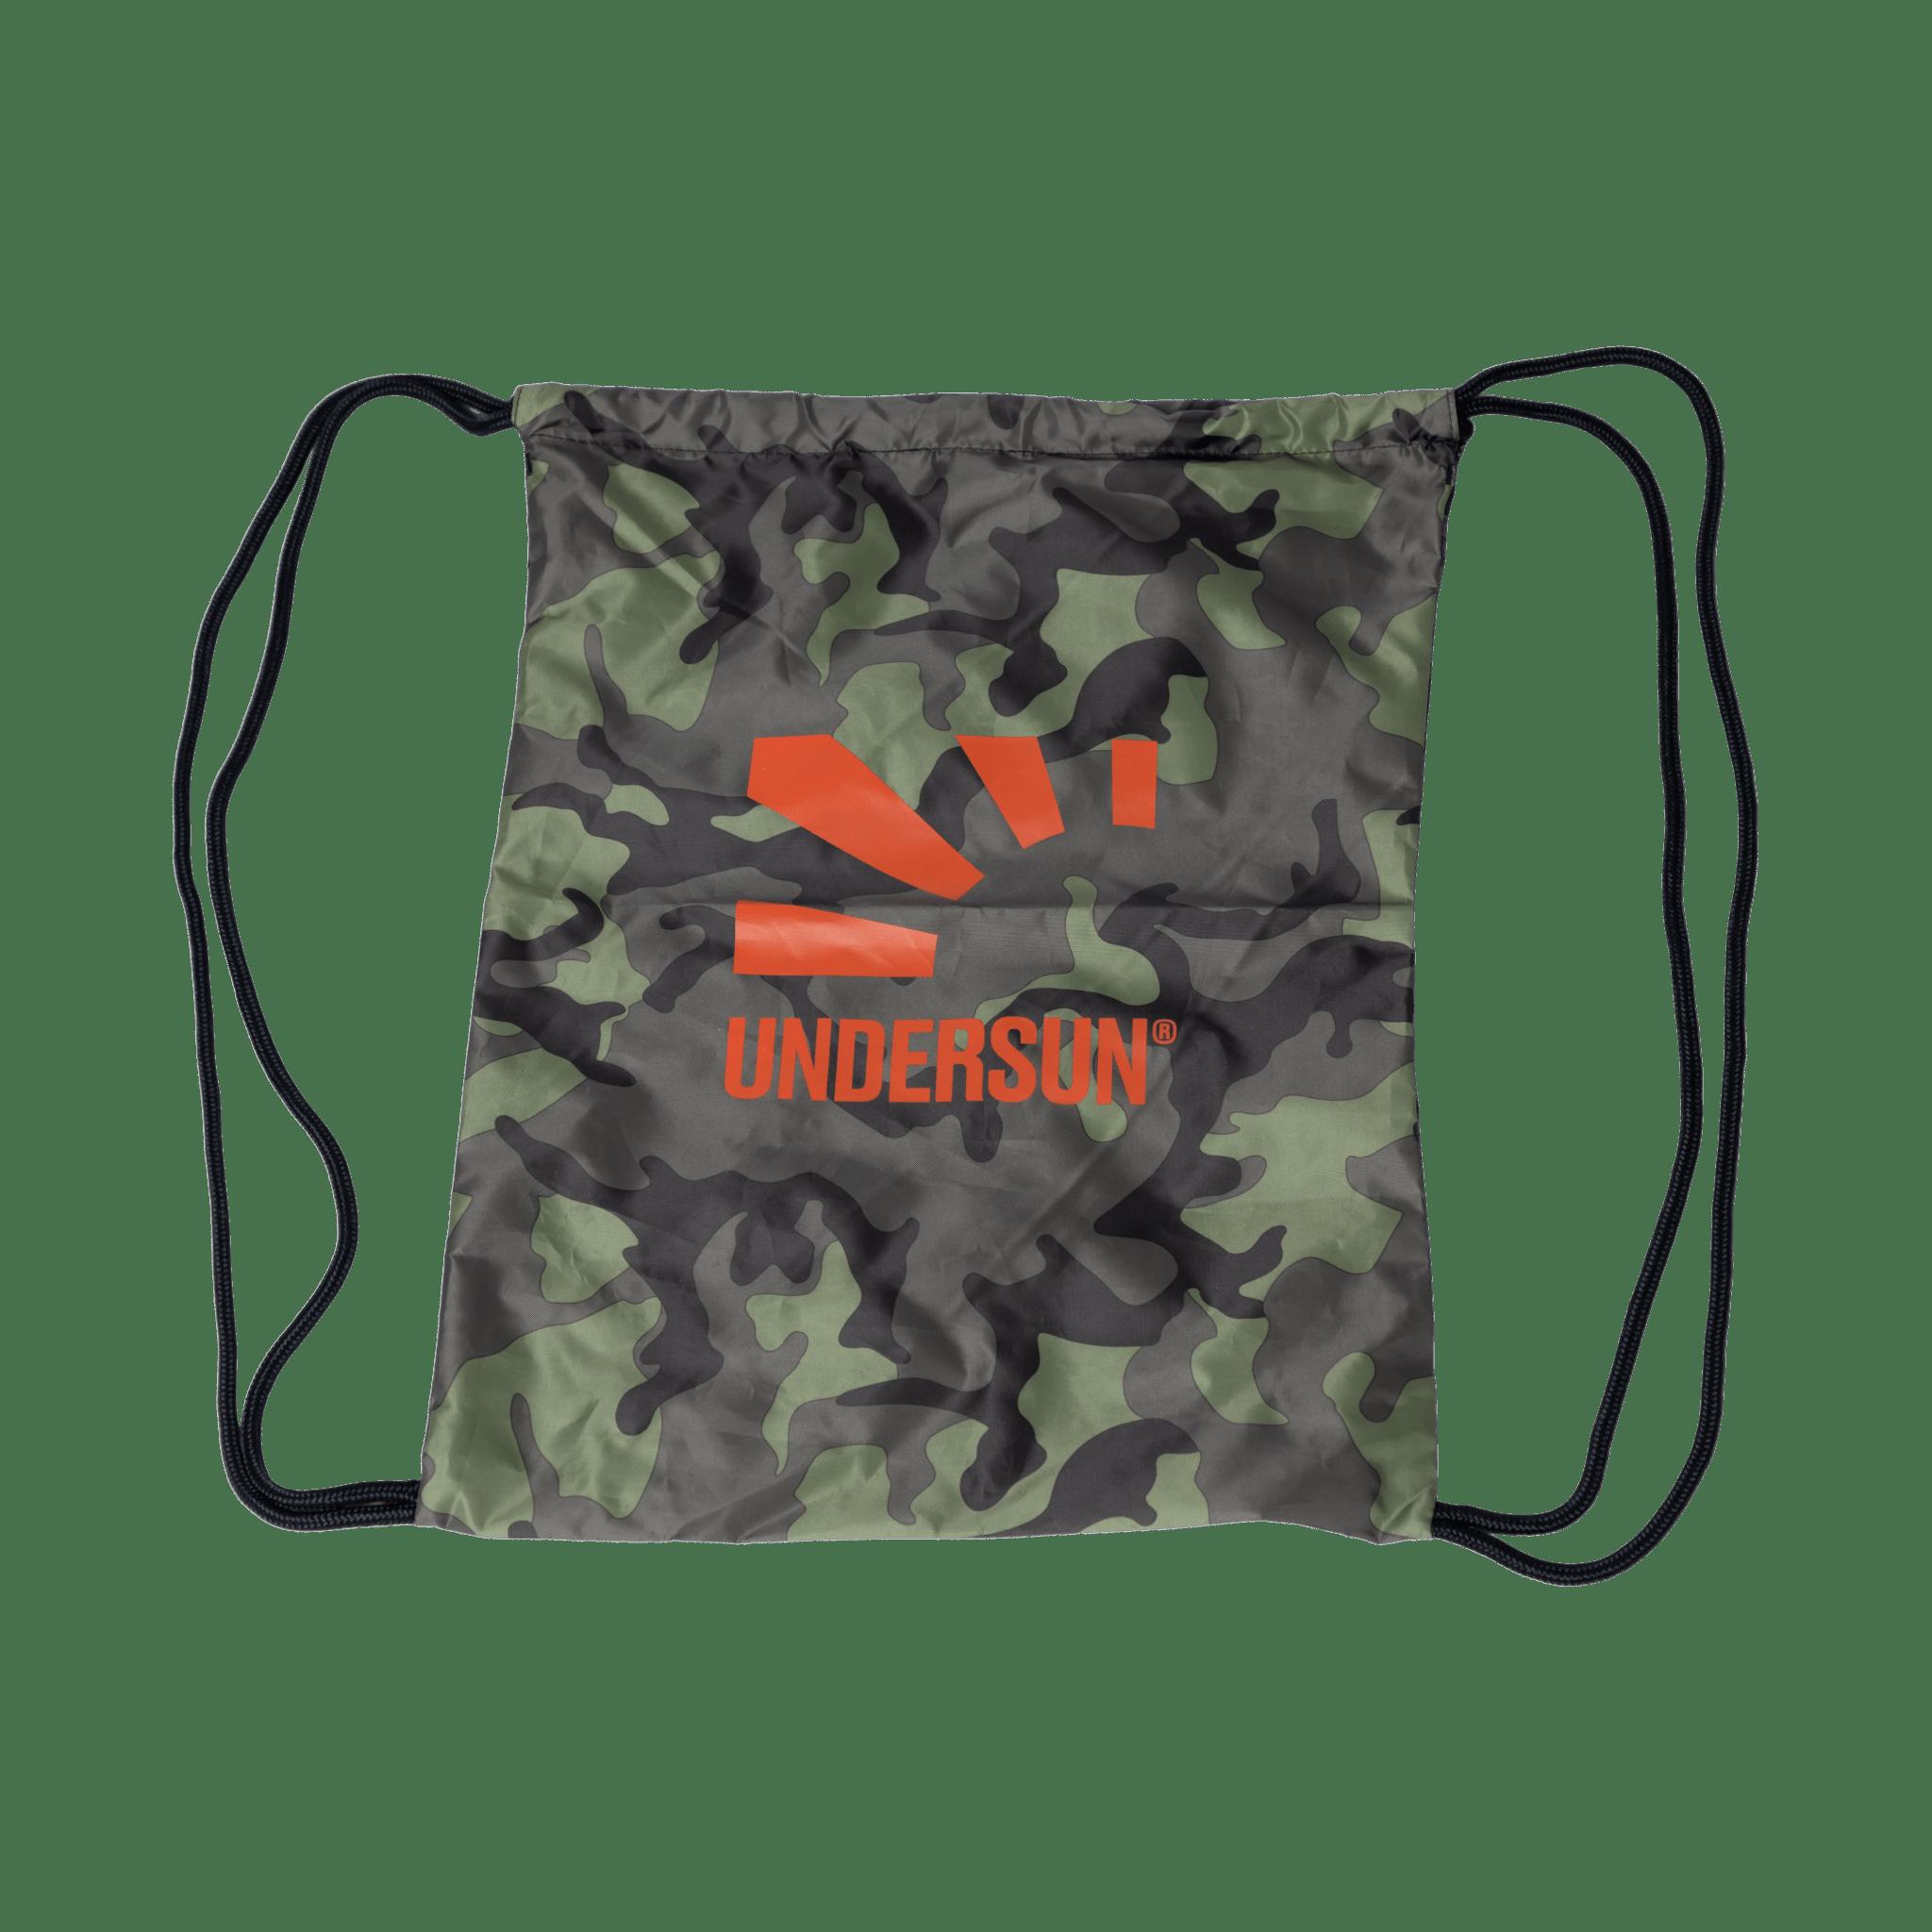 Heavy Duty Nylon Carry Bag